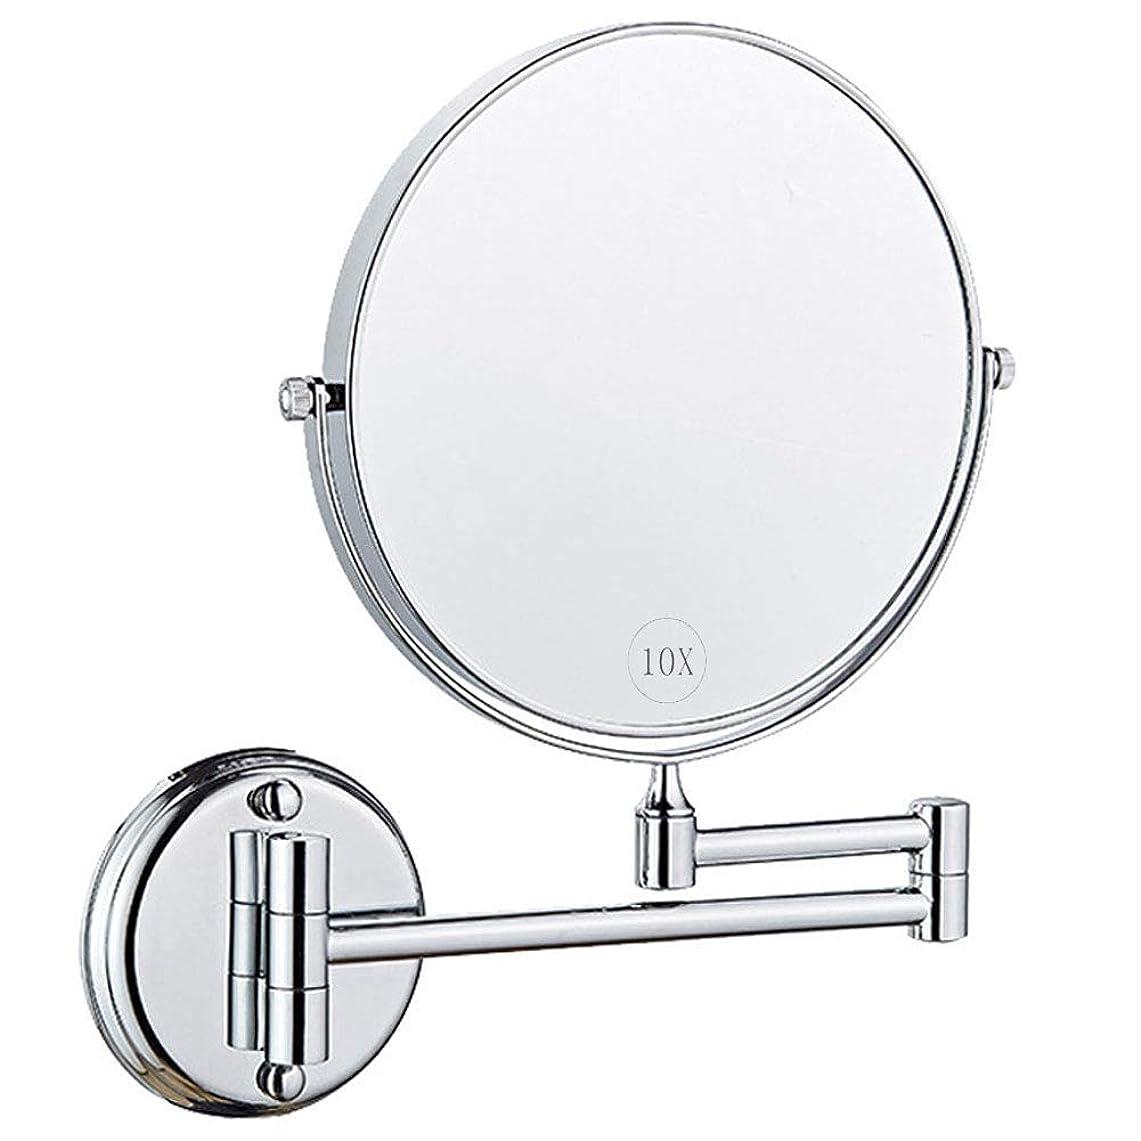 予報葉っぱアラブサラボウォールマウントメイクアップミラー、拡大鏡付き8インチ両面回転バニティミラー、拡張可能な化粧品またはバスルームホテルのベッドルーム